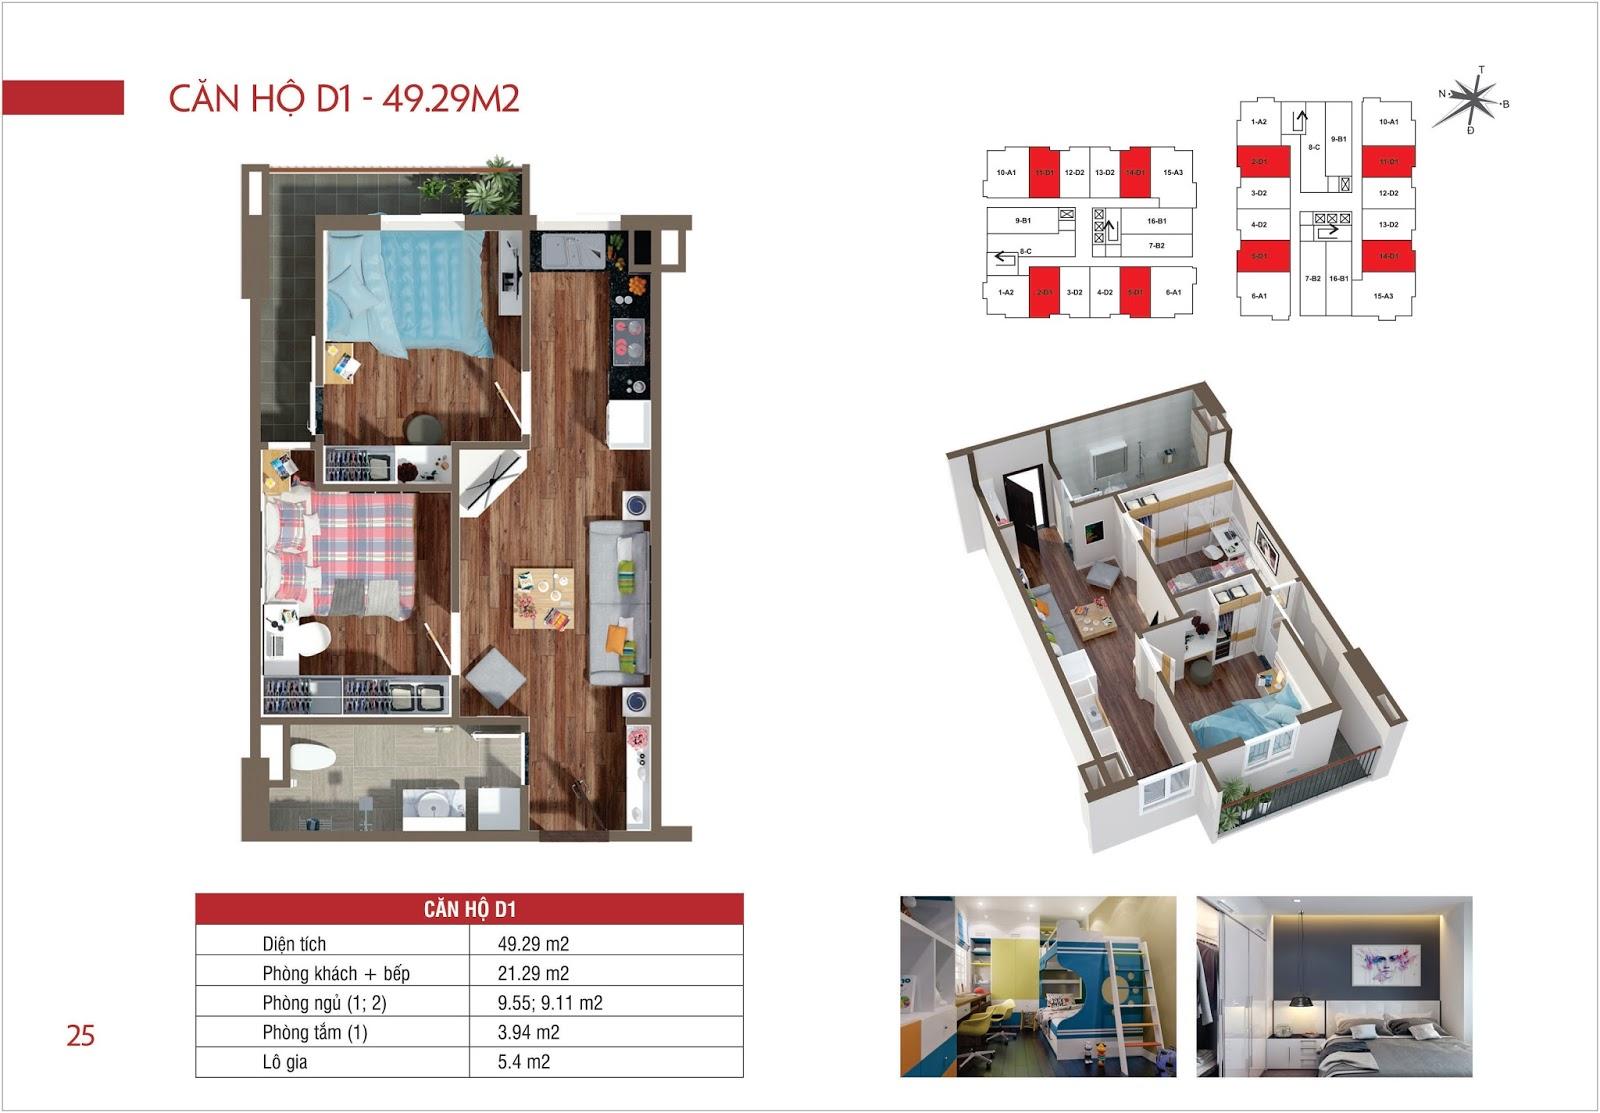 Căn hộ D1 - 49,29 m2 chung cư Lộc Ninh Singashine